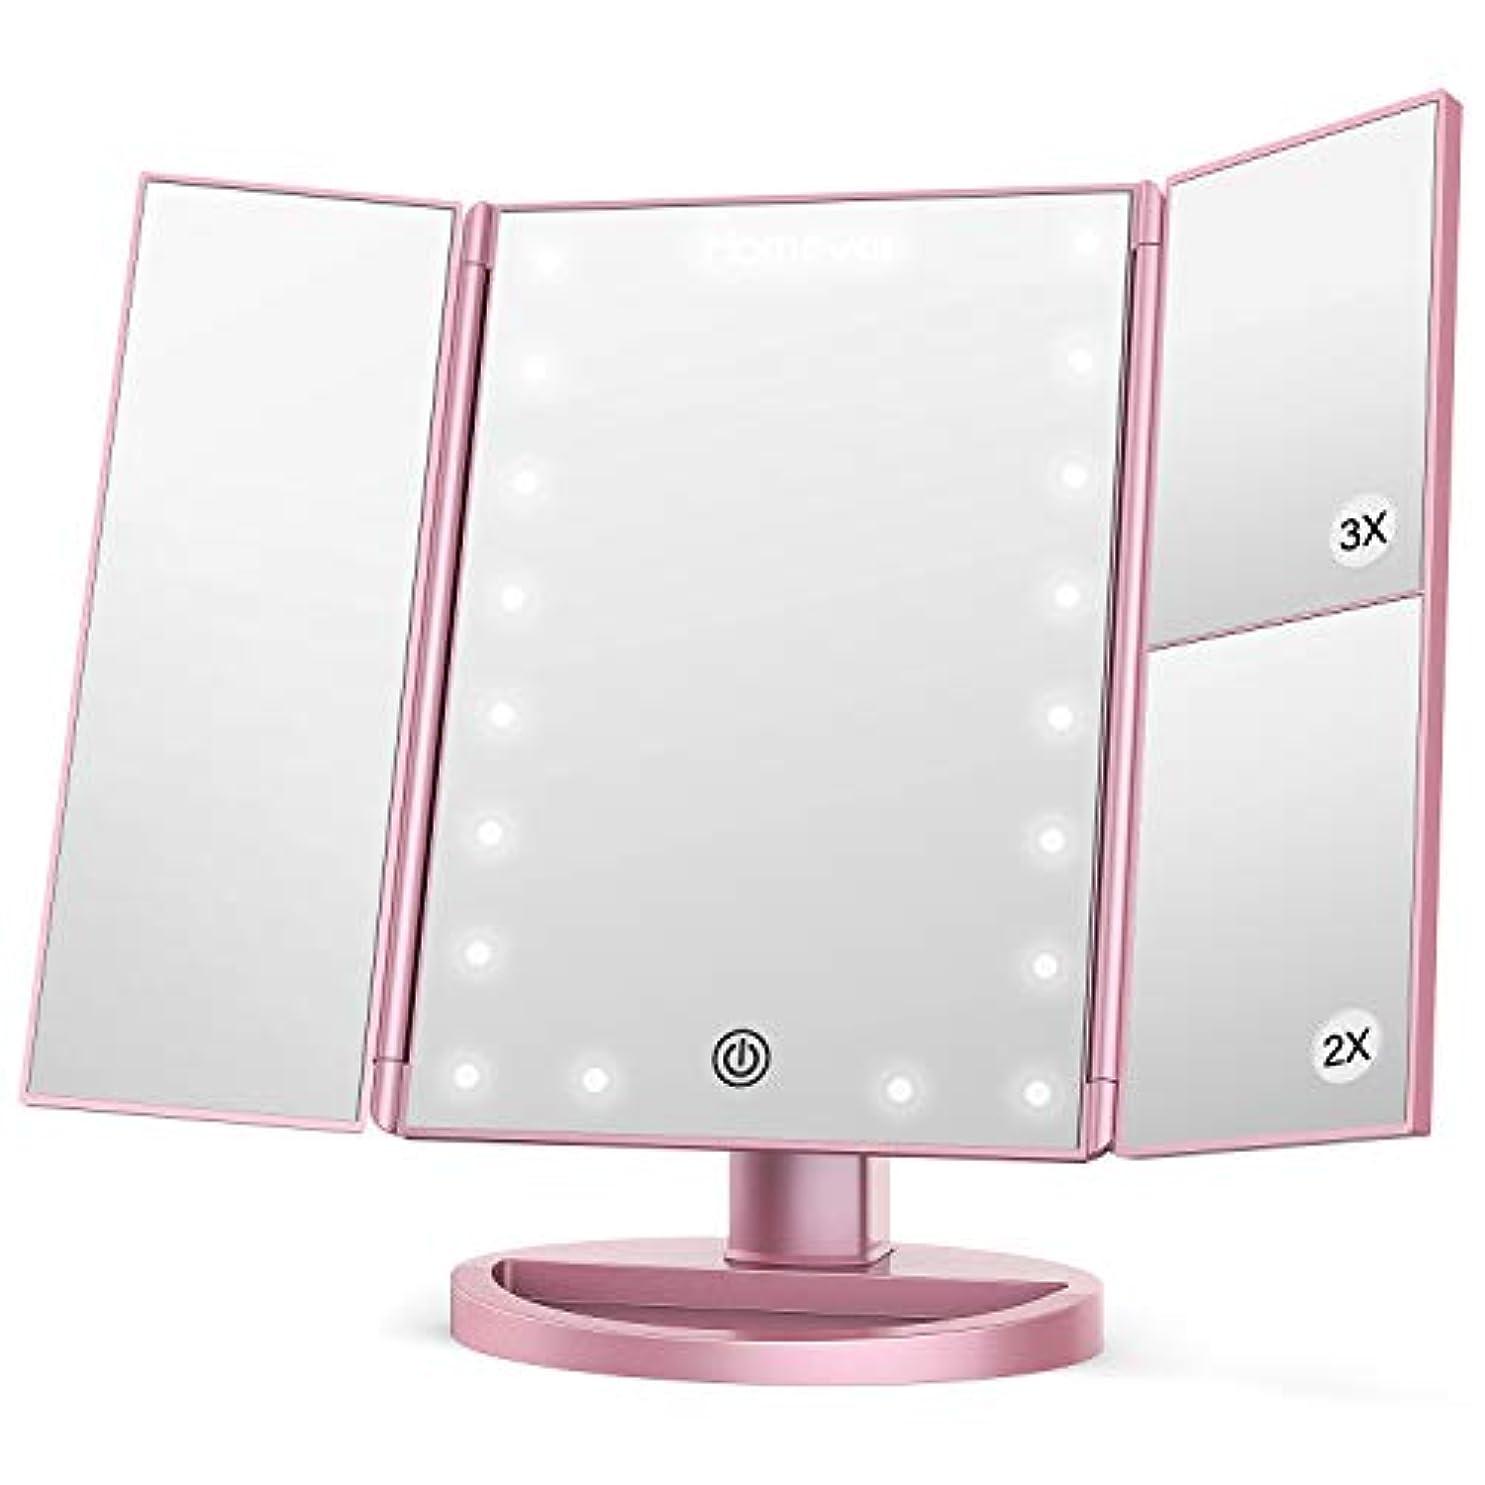 バイアスエゴイズム調整可能Homever 化粧鏡 拡大鏡 鏡 卓上 LEDライト21灯三面鏡 2&3倍拡大鏡付 180 °回転 折りたたみ式 タッチパネル 明るさ?角度自由調整 女優ミラー 電池&USB 2WAY給電